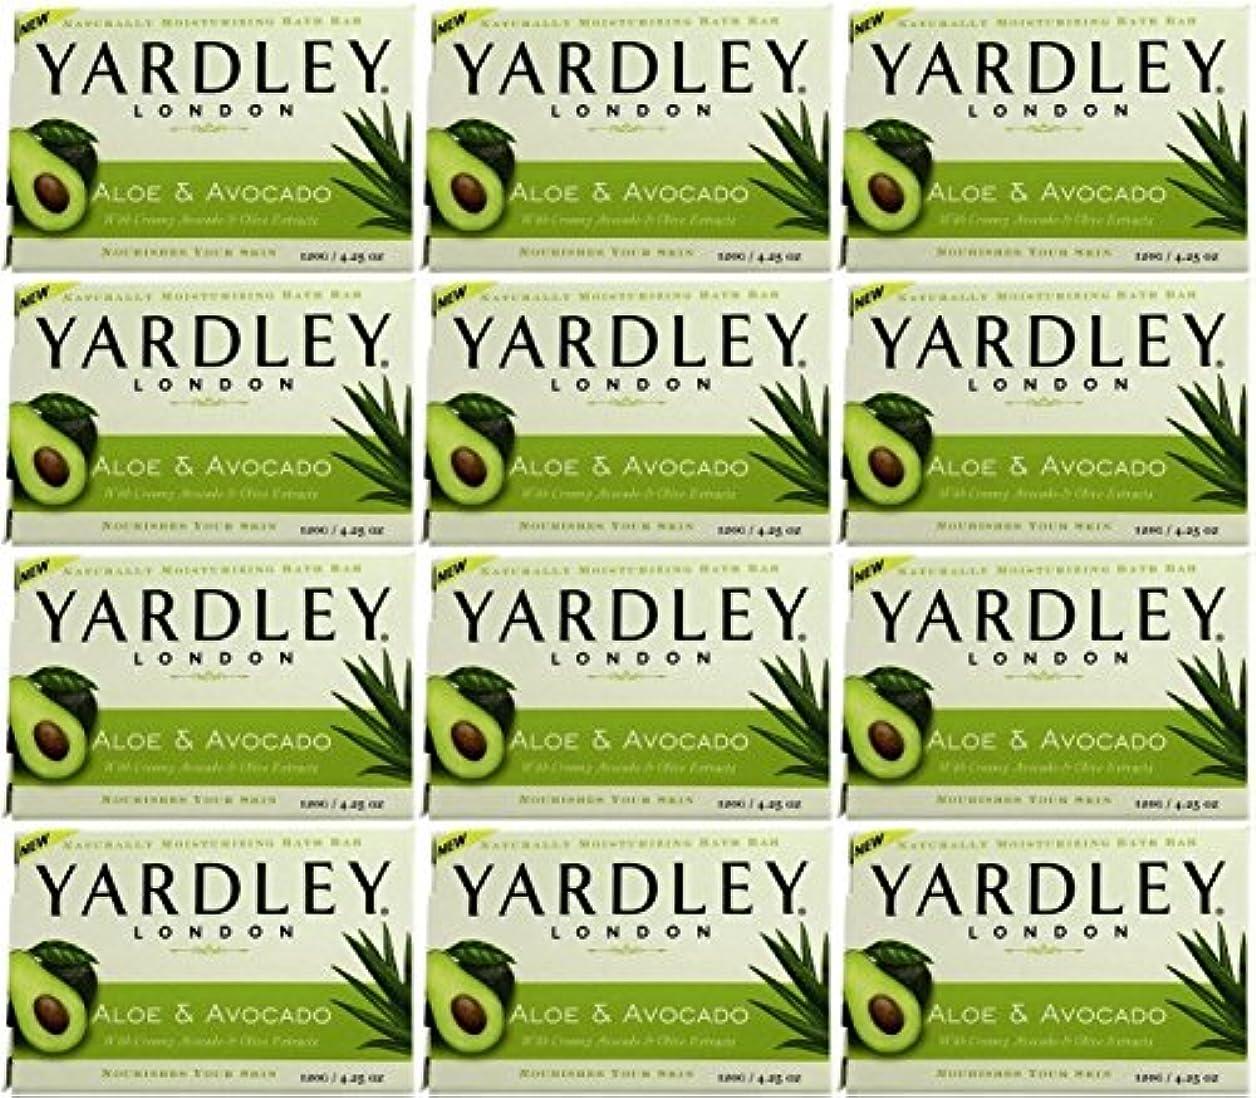 Yardley ロンドンアロエアボカド当然のことながら保湿入浴バー4.25オズ(12パック) 12のパック ヌル